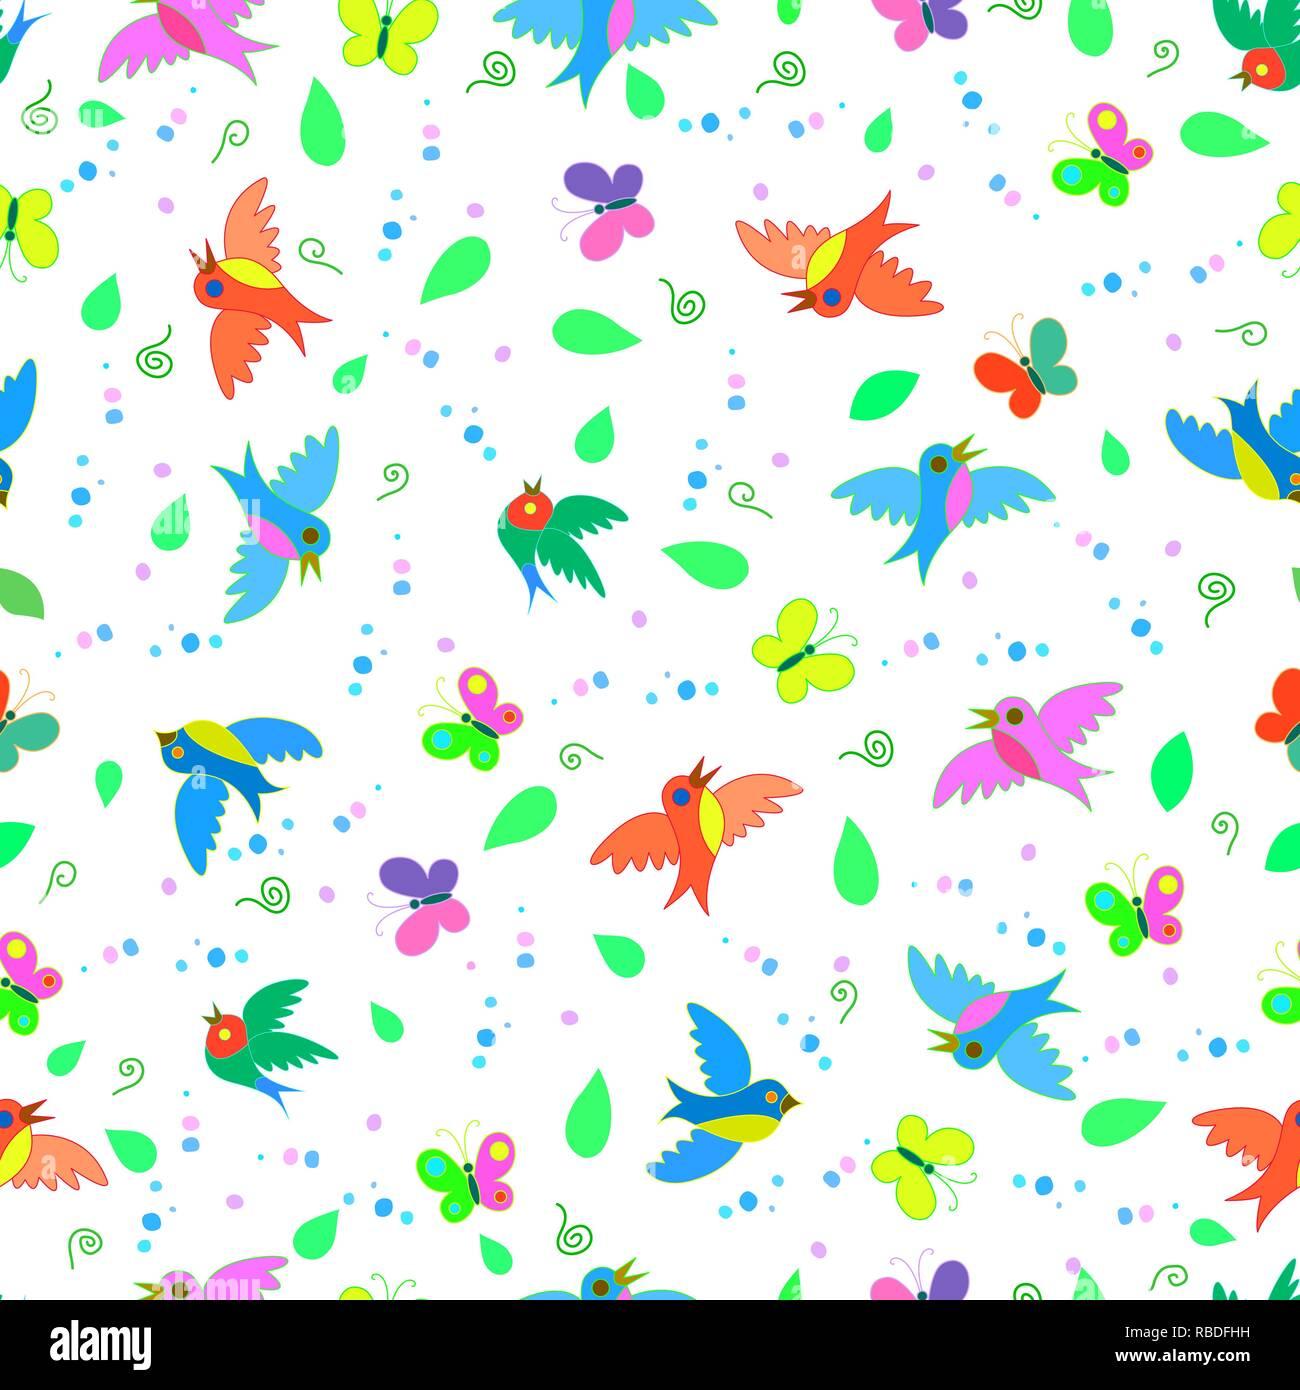 Lindo coloridos pájaros y mariposas divertida caricatura perfecta patrón de verano Ilustración del Vector